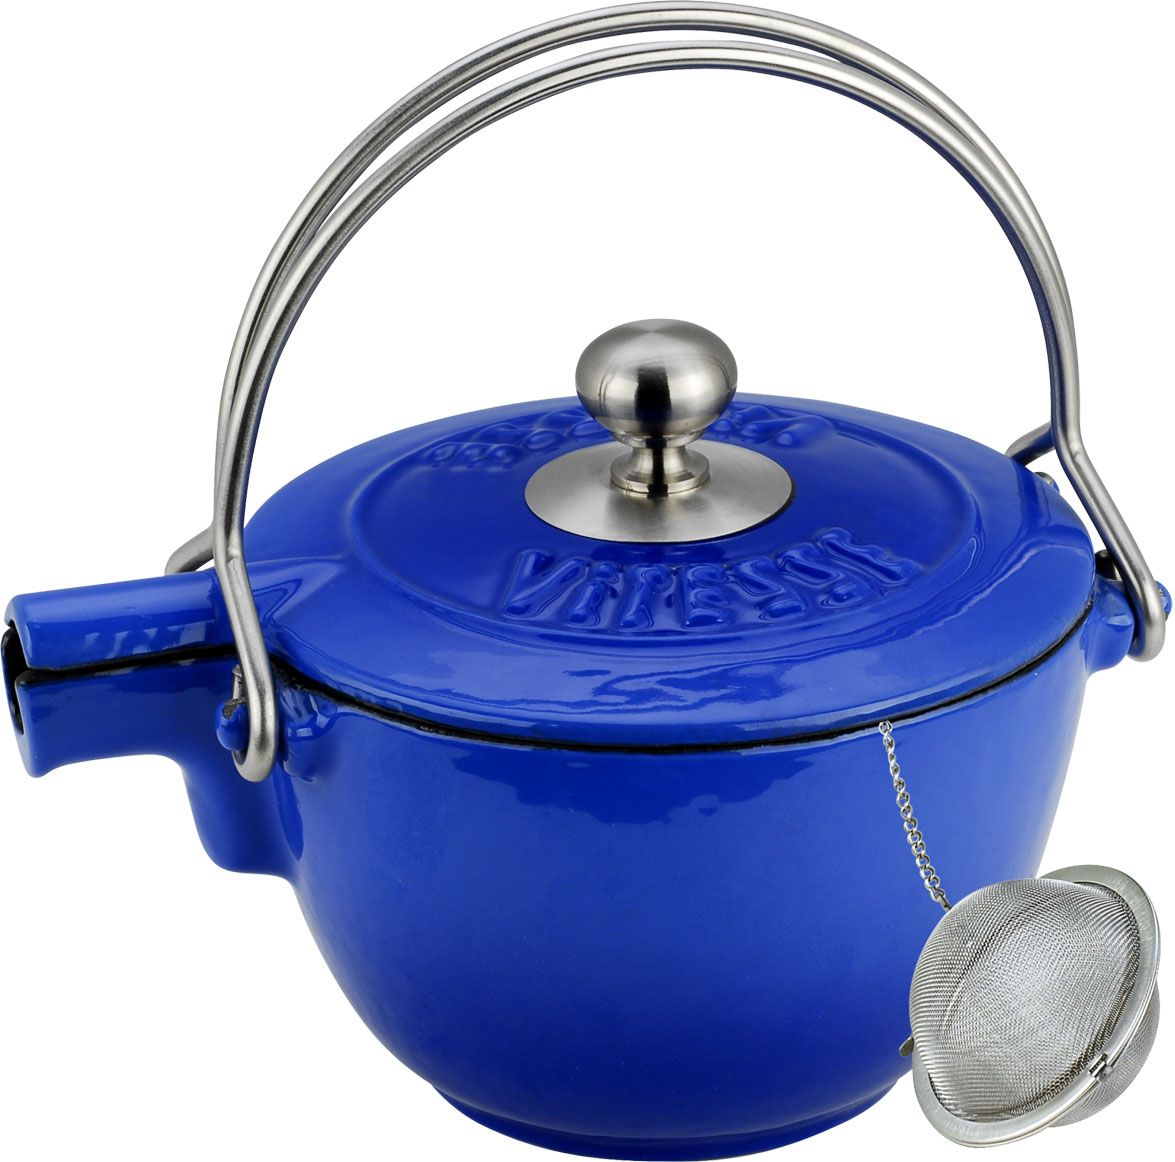 Чайник заварочный Vitesse Ferro, с ситечком, цвет: синий, 1,15 л115510Заварочный чайник Vitesse Ferro изготовлен из чугуна с эмалированной внутренней и внешней поверхностью. Эмалированный чугун - это железо, на которое наложено прочное стекловидное эмалевое покрытие. Такая посуда отлично подходит для приготовления традиционной здоровой пищи. Чугун является наилучшим материалом, который долго удерживает и равномерно распределяет тепло. Благодаря особым качествам эмали, чем дольше вы используете посуду, тем лучше становятся ее эксплуатационные характеристики. Чугун обладает высокой прочностью, износоустойчивостью и антикоррозийными свойствами. Чайник оснащен двумя металлическими ручками и крышкой. Металлическое ситечко на цепочке с крючком - в комплекте. Можно готовить на газовых, электрических, стеклокерамических, галогенных, индукционных плитах. Подходит для мытья в посудомоечной машине.Высота чайника (без учета ручки и крышки): 10,5 см. Диаметр чайника (по верхнему краю): 15,5 см. Диаметр ситечка: 6 см.